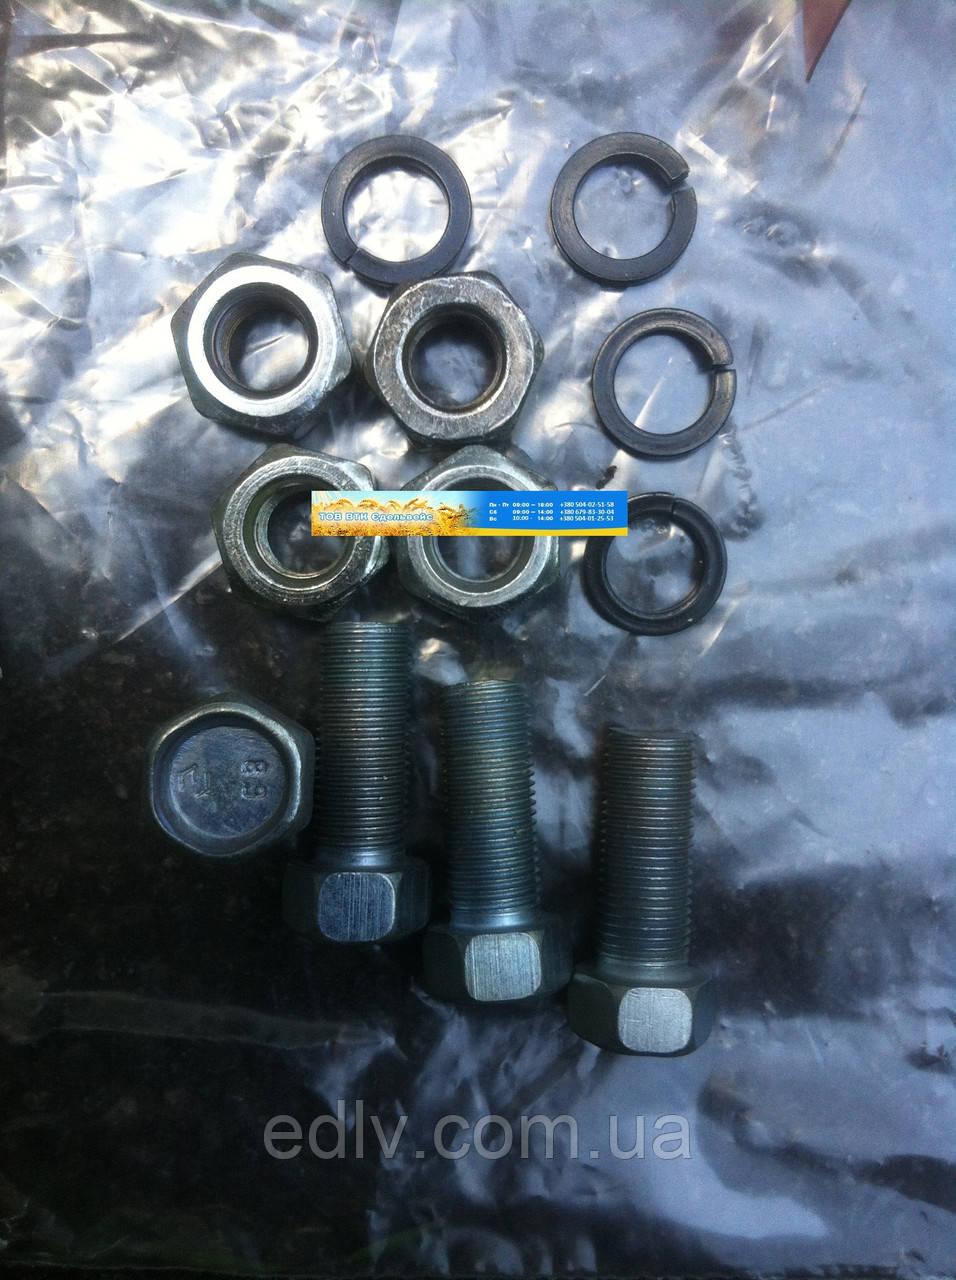 Ремкомплект крепления передачи карданной ГАЗ (4 болта М10х25 в сборе) (оригинал) (пр-во ГАЗ) 2217-2200800